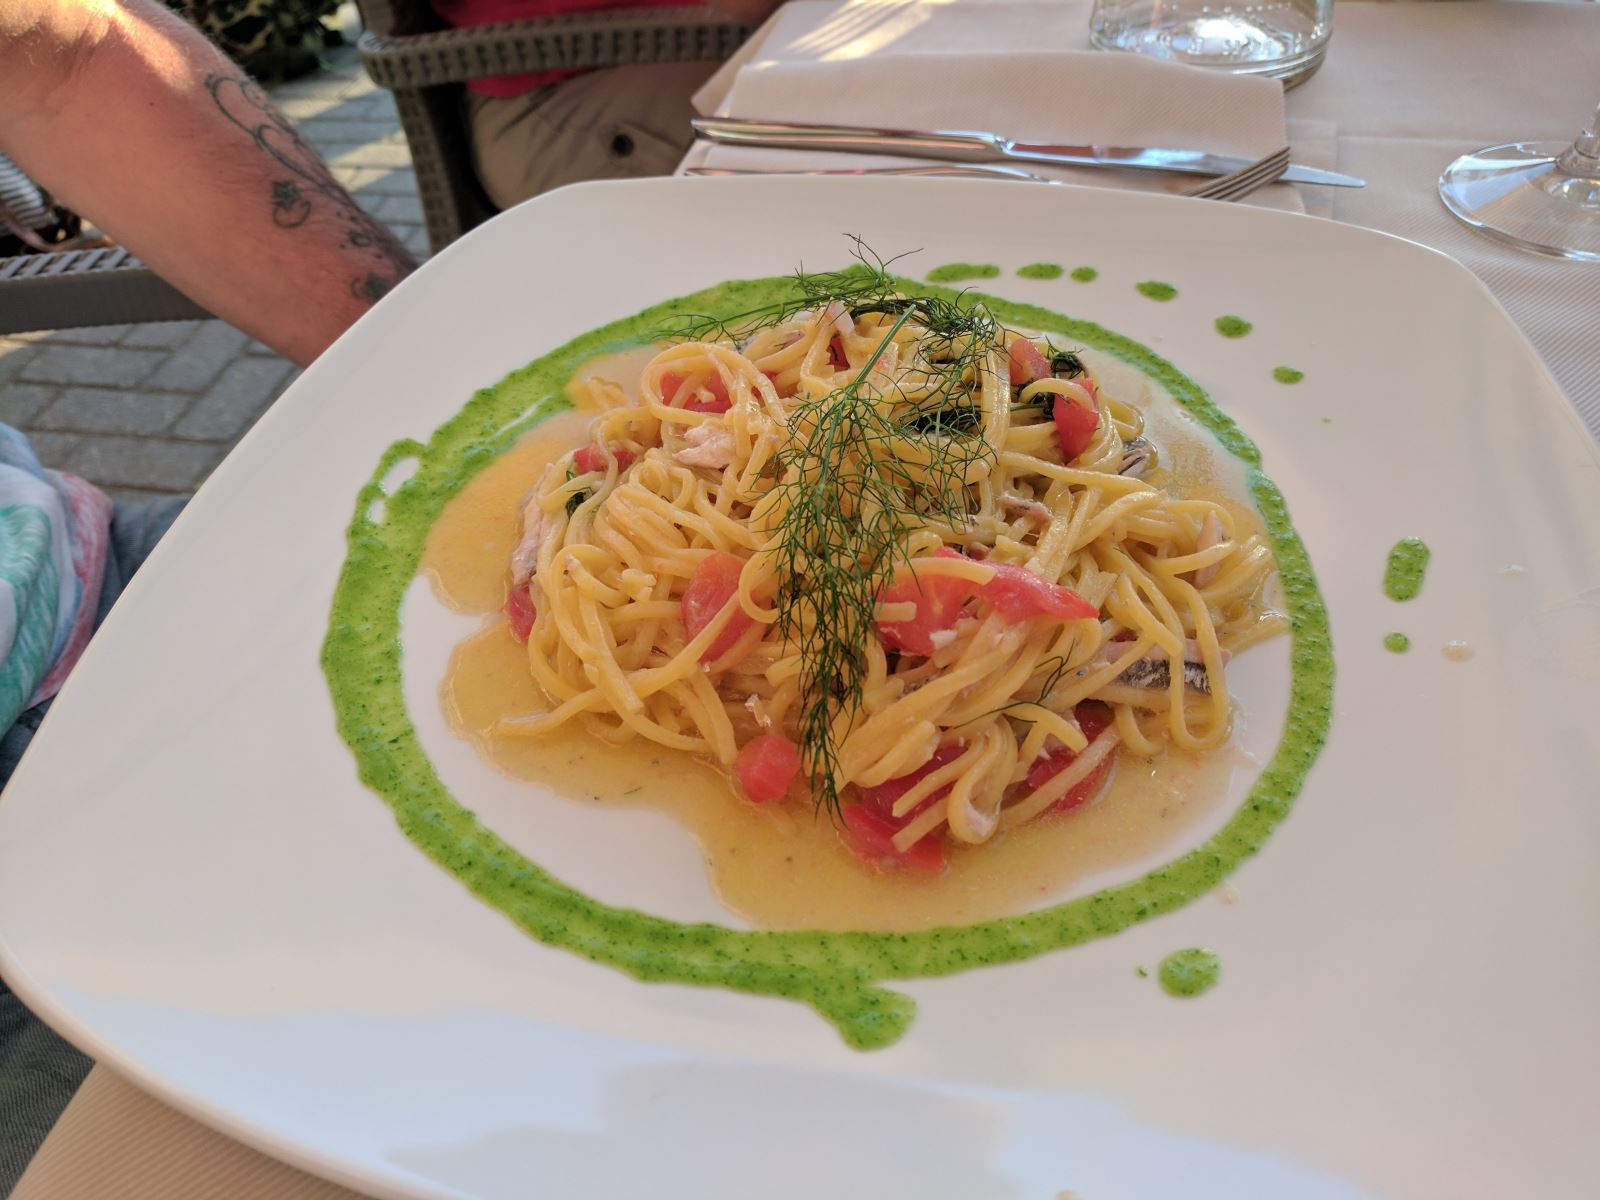 spaghetti all'italiana